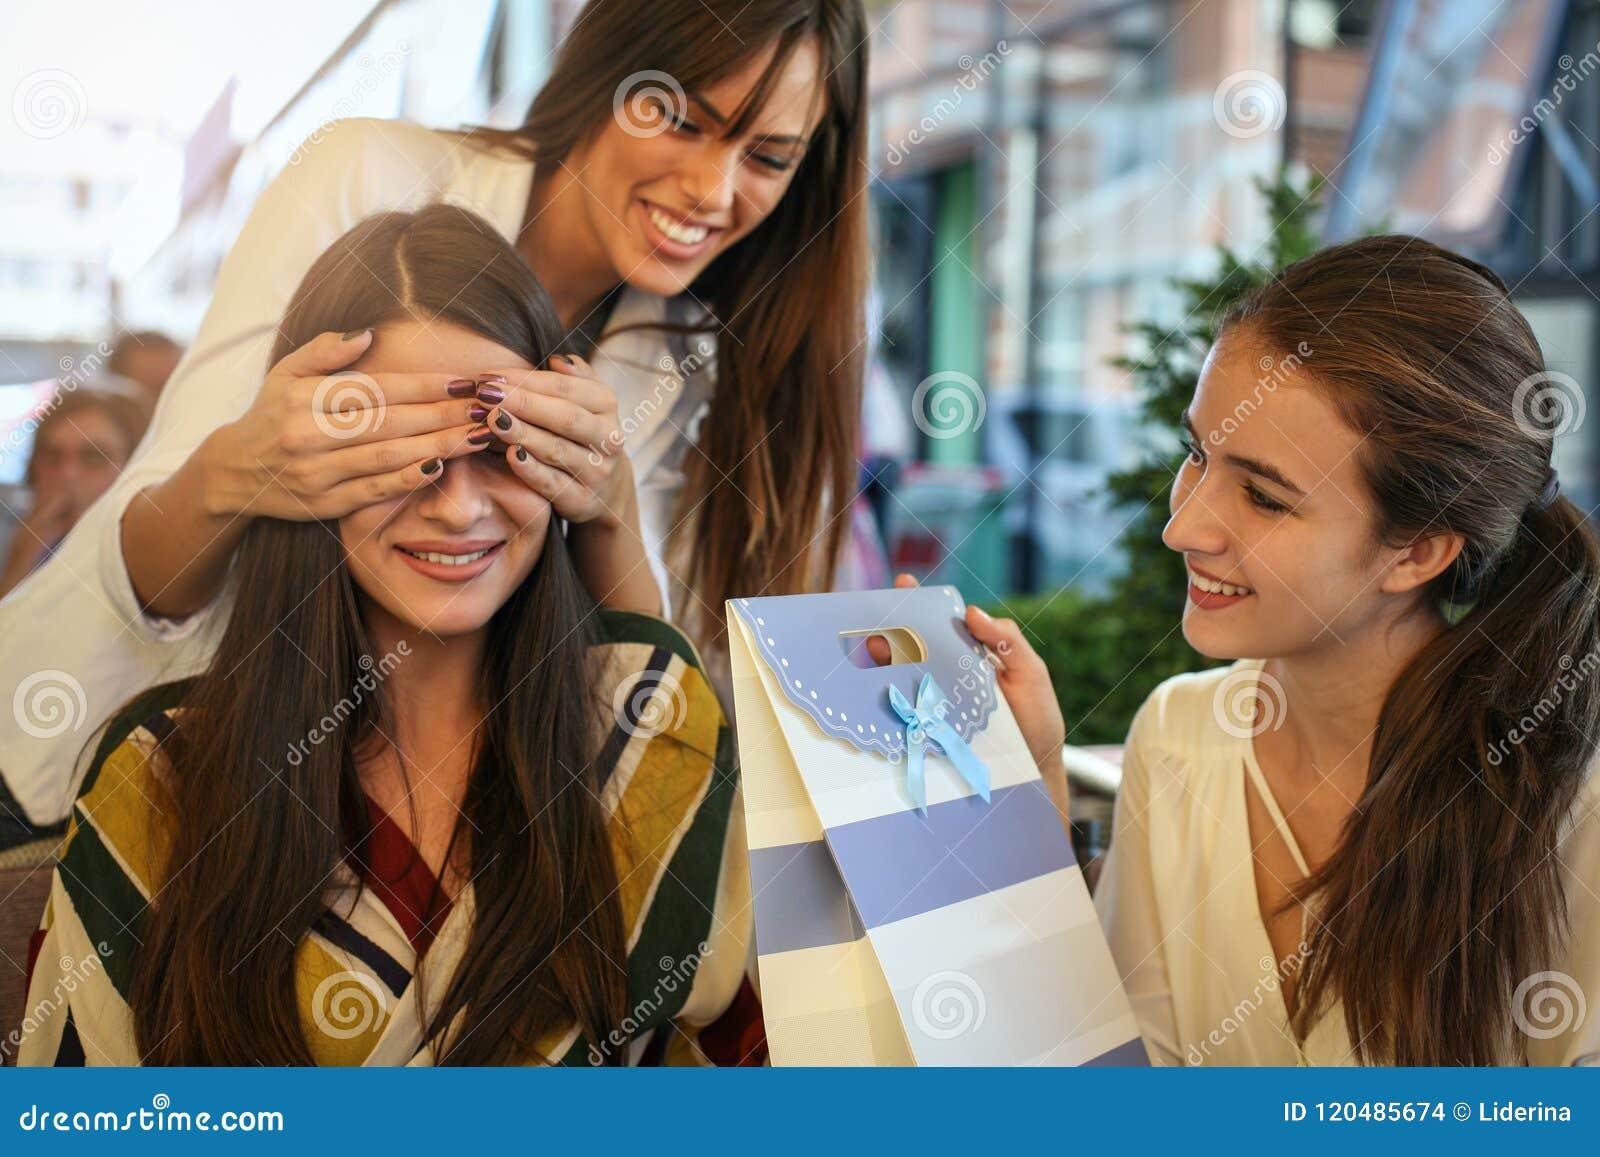 Freundinnen, die Geburtstagsgeschenk geben Mädchen überraschte ihren Freund